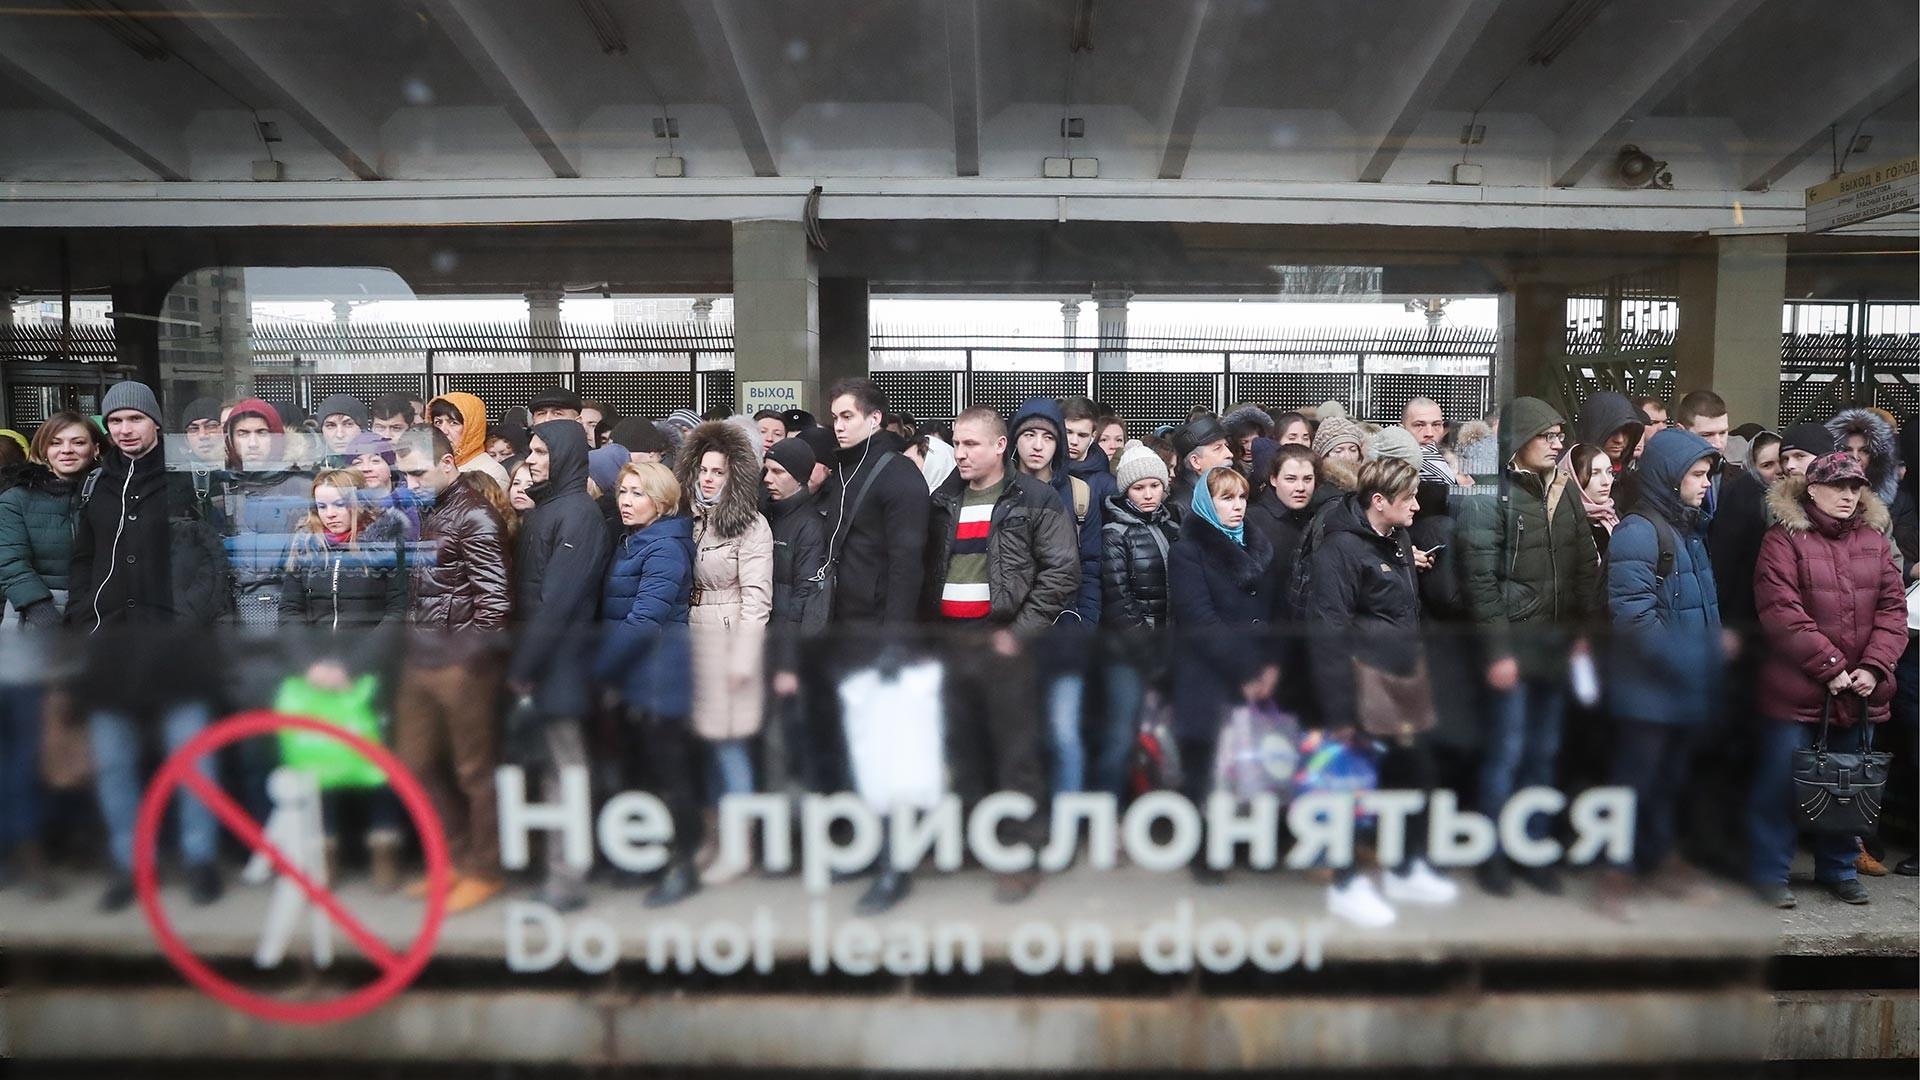 Passagers sur le quai d'une station de métro à Moscou